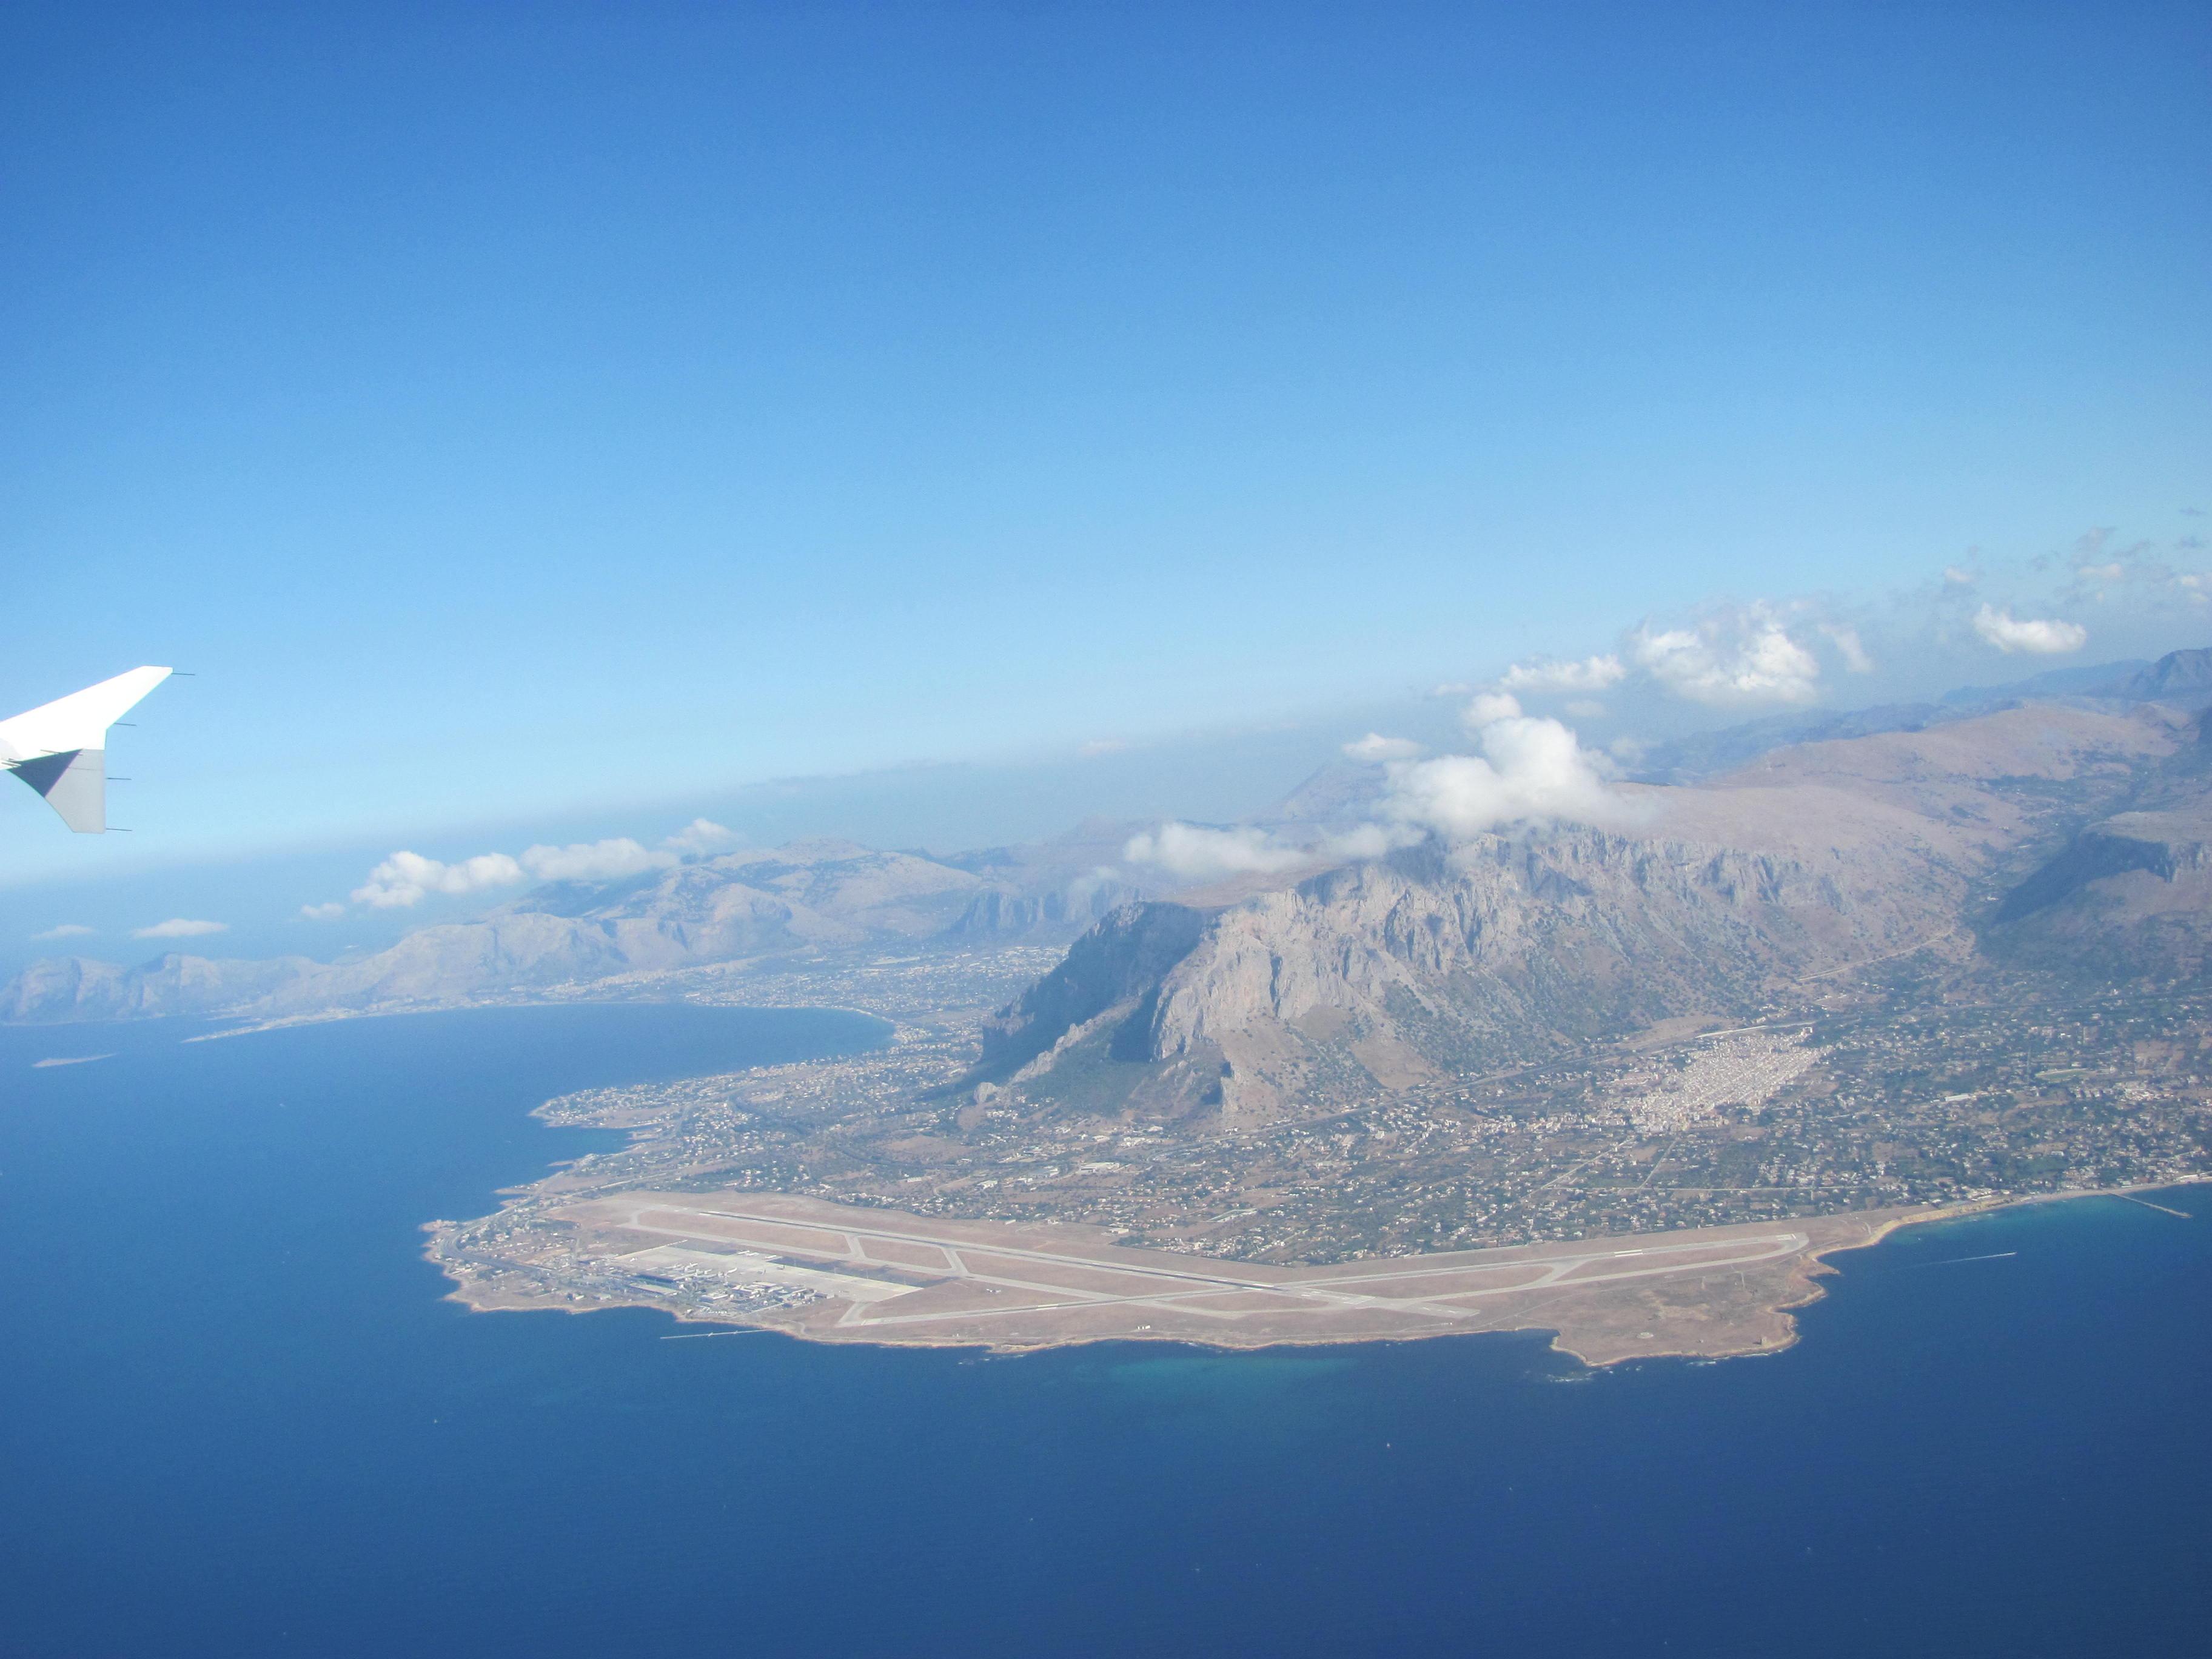 wycieczka objazdowa po Sycylii, Trapani z lotu ptaka, Trapani z samolotu, Sycylia, Trapani, Wycieczka objazdowa po Sycylii, Sycylia, Sicilia, Sizilien, wycieczka na Sycylię, wycieczka Sycylia, Sycylia wycieczka, Sycylia w tydzień, objazdówka po Sycylii, co zobaczyć na Sycylii, wyjazd na Sycylię